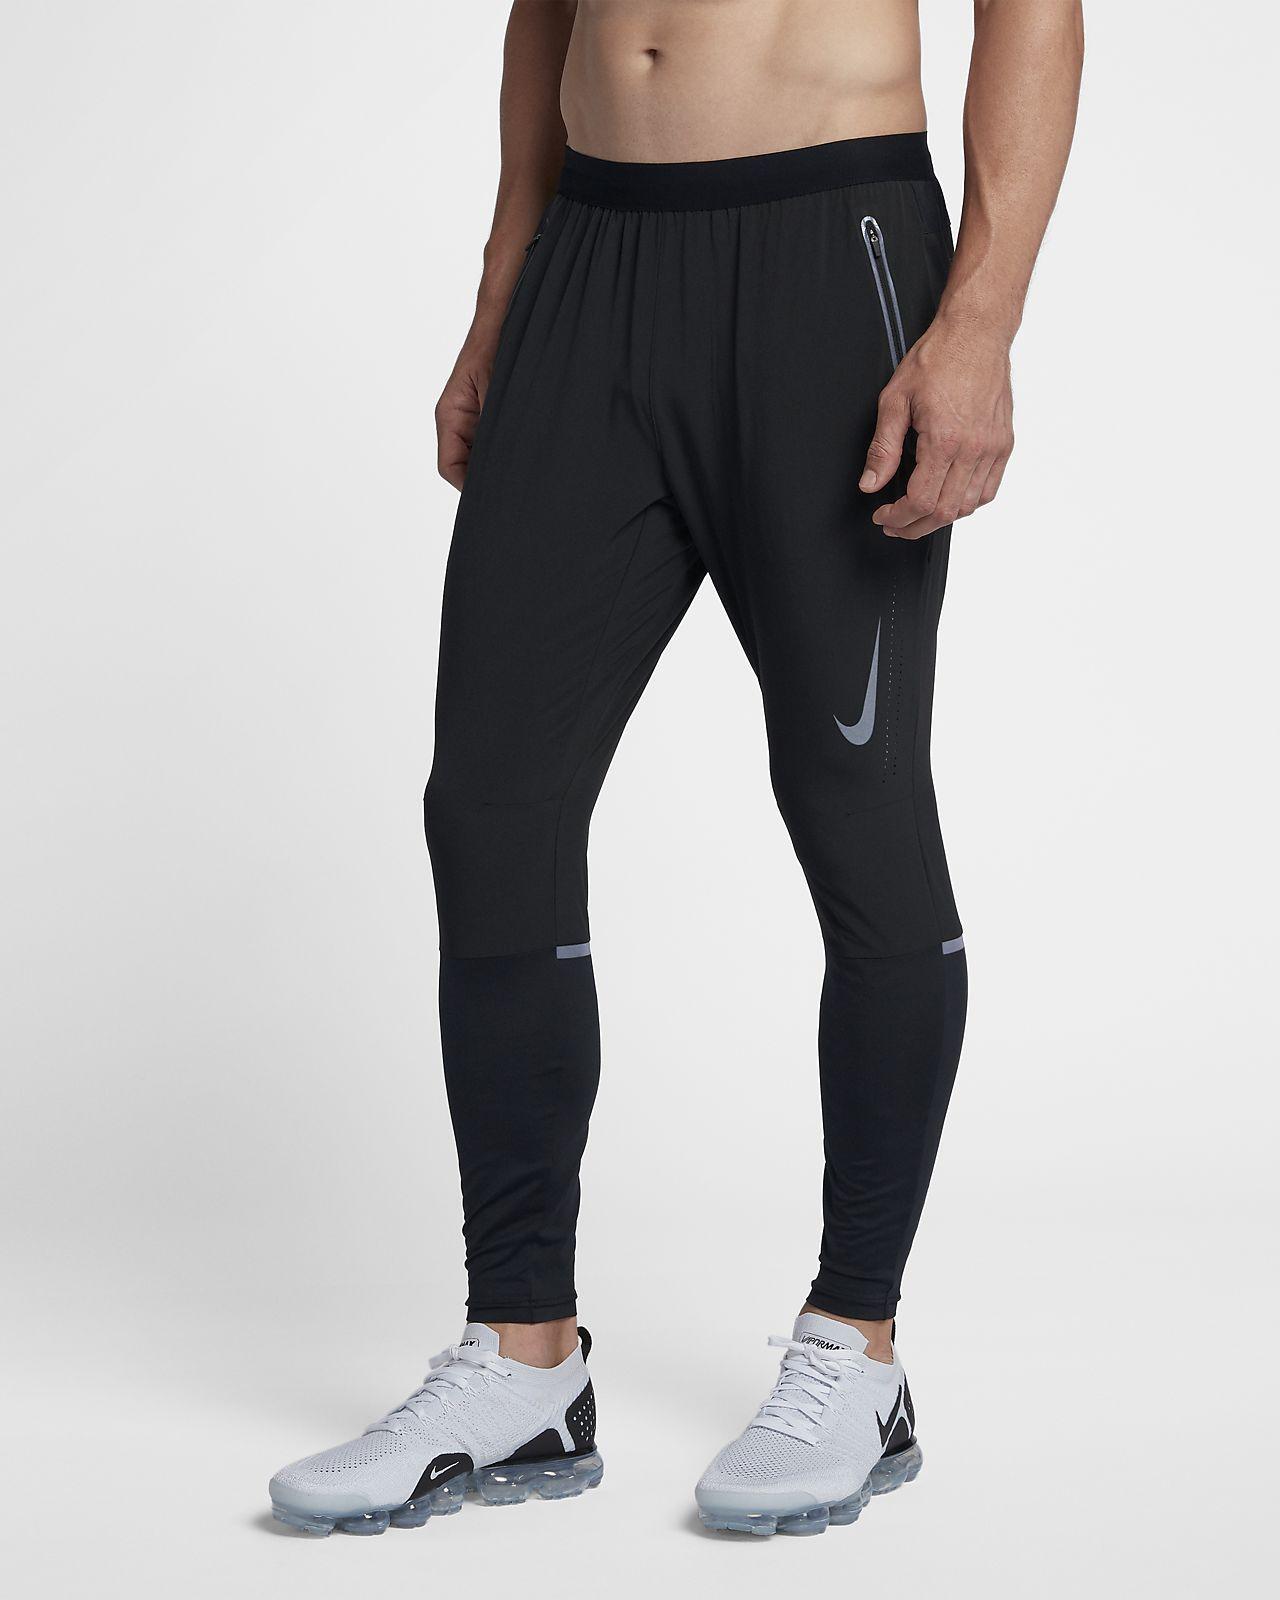 nike abbigliamento atletica